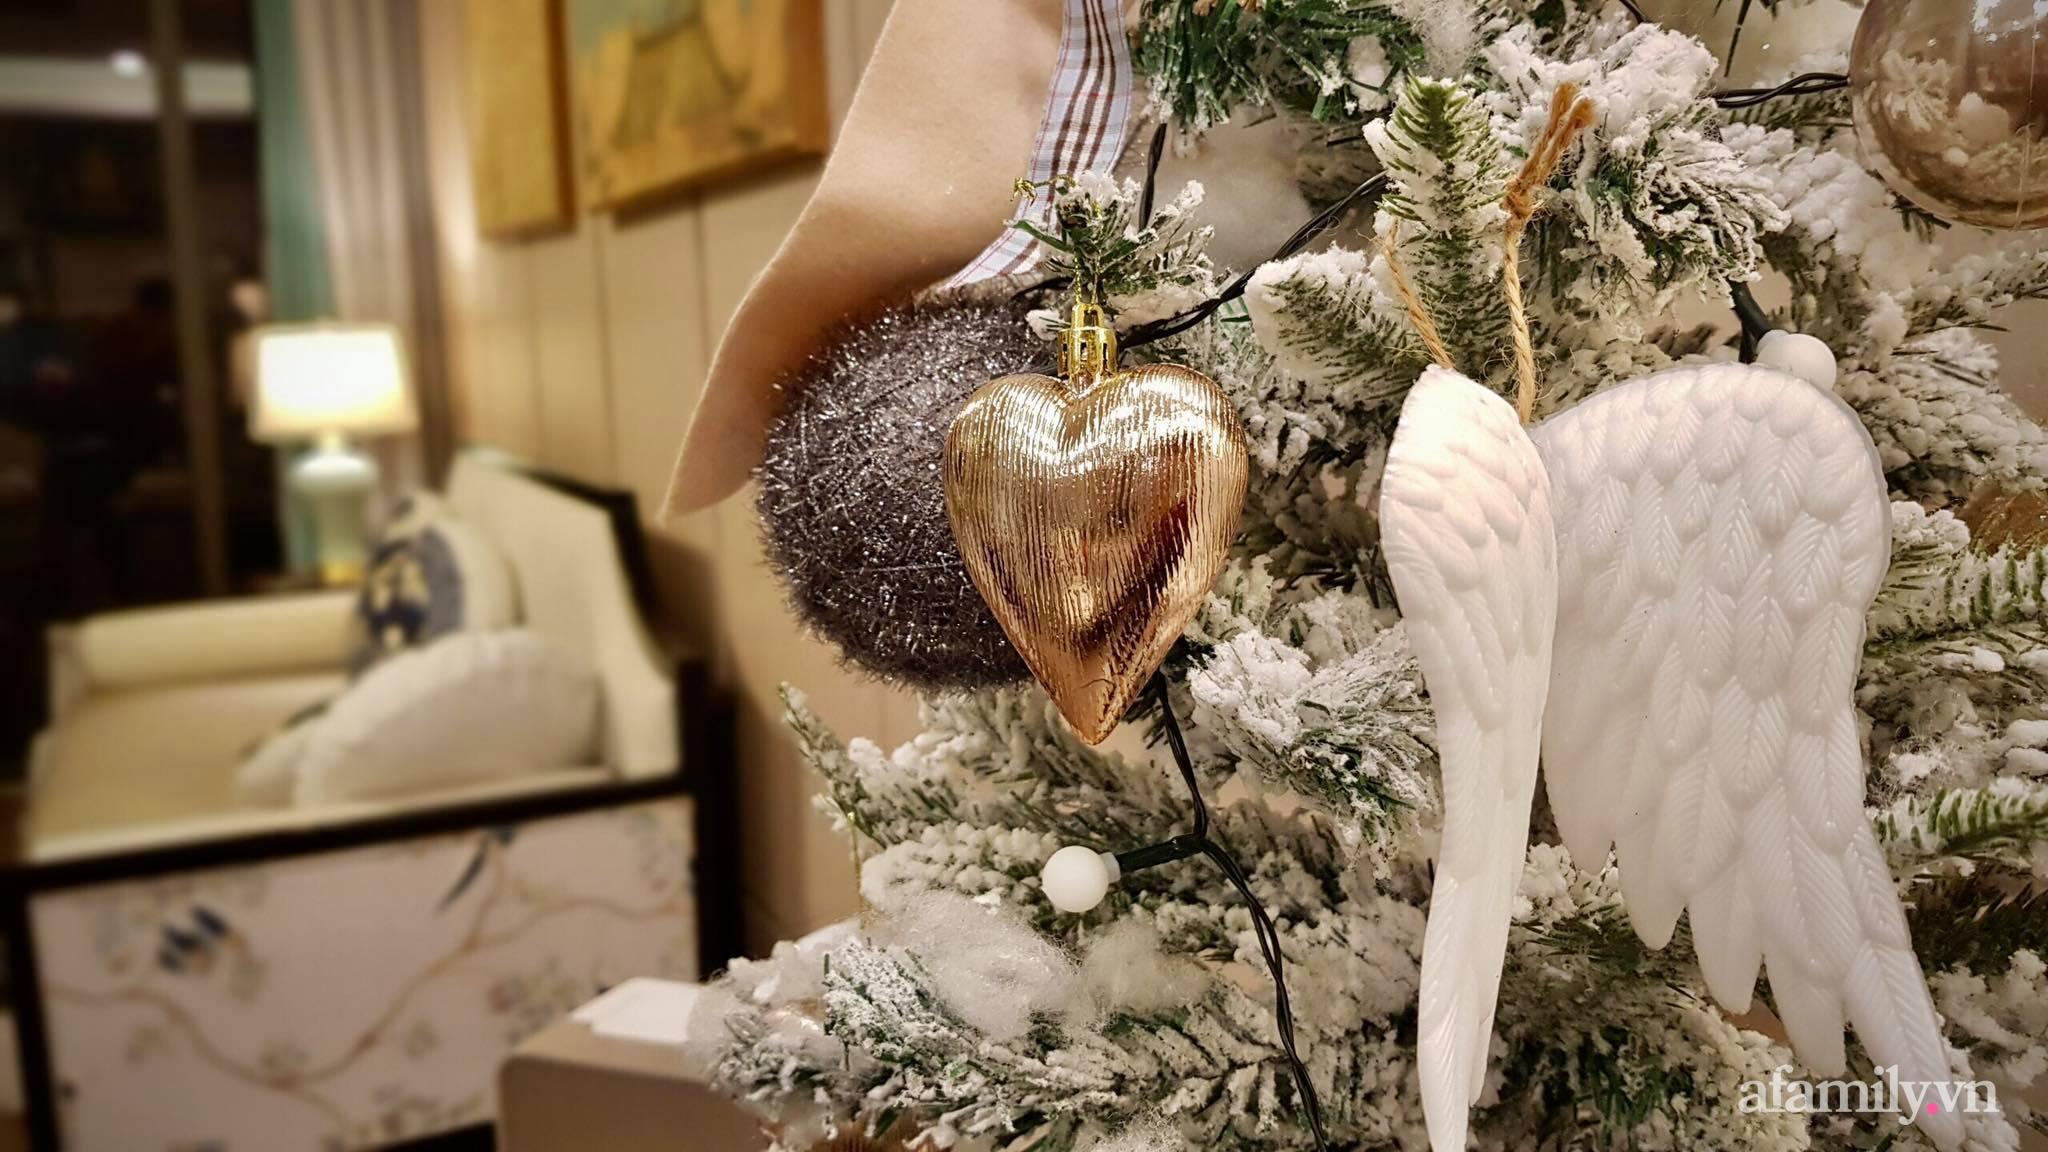 """Căn hộ """"thắp sáng"""" những sắc màu giúp từng góc nhỏ thêm ấm cúng đón Giáng sinh ở Hà Nội - Ảnh 1."""